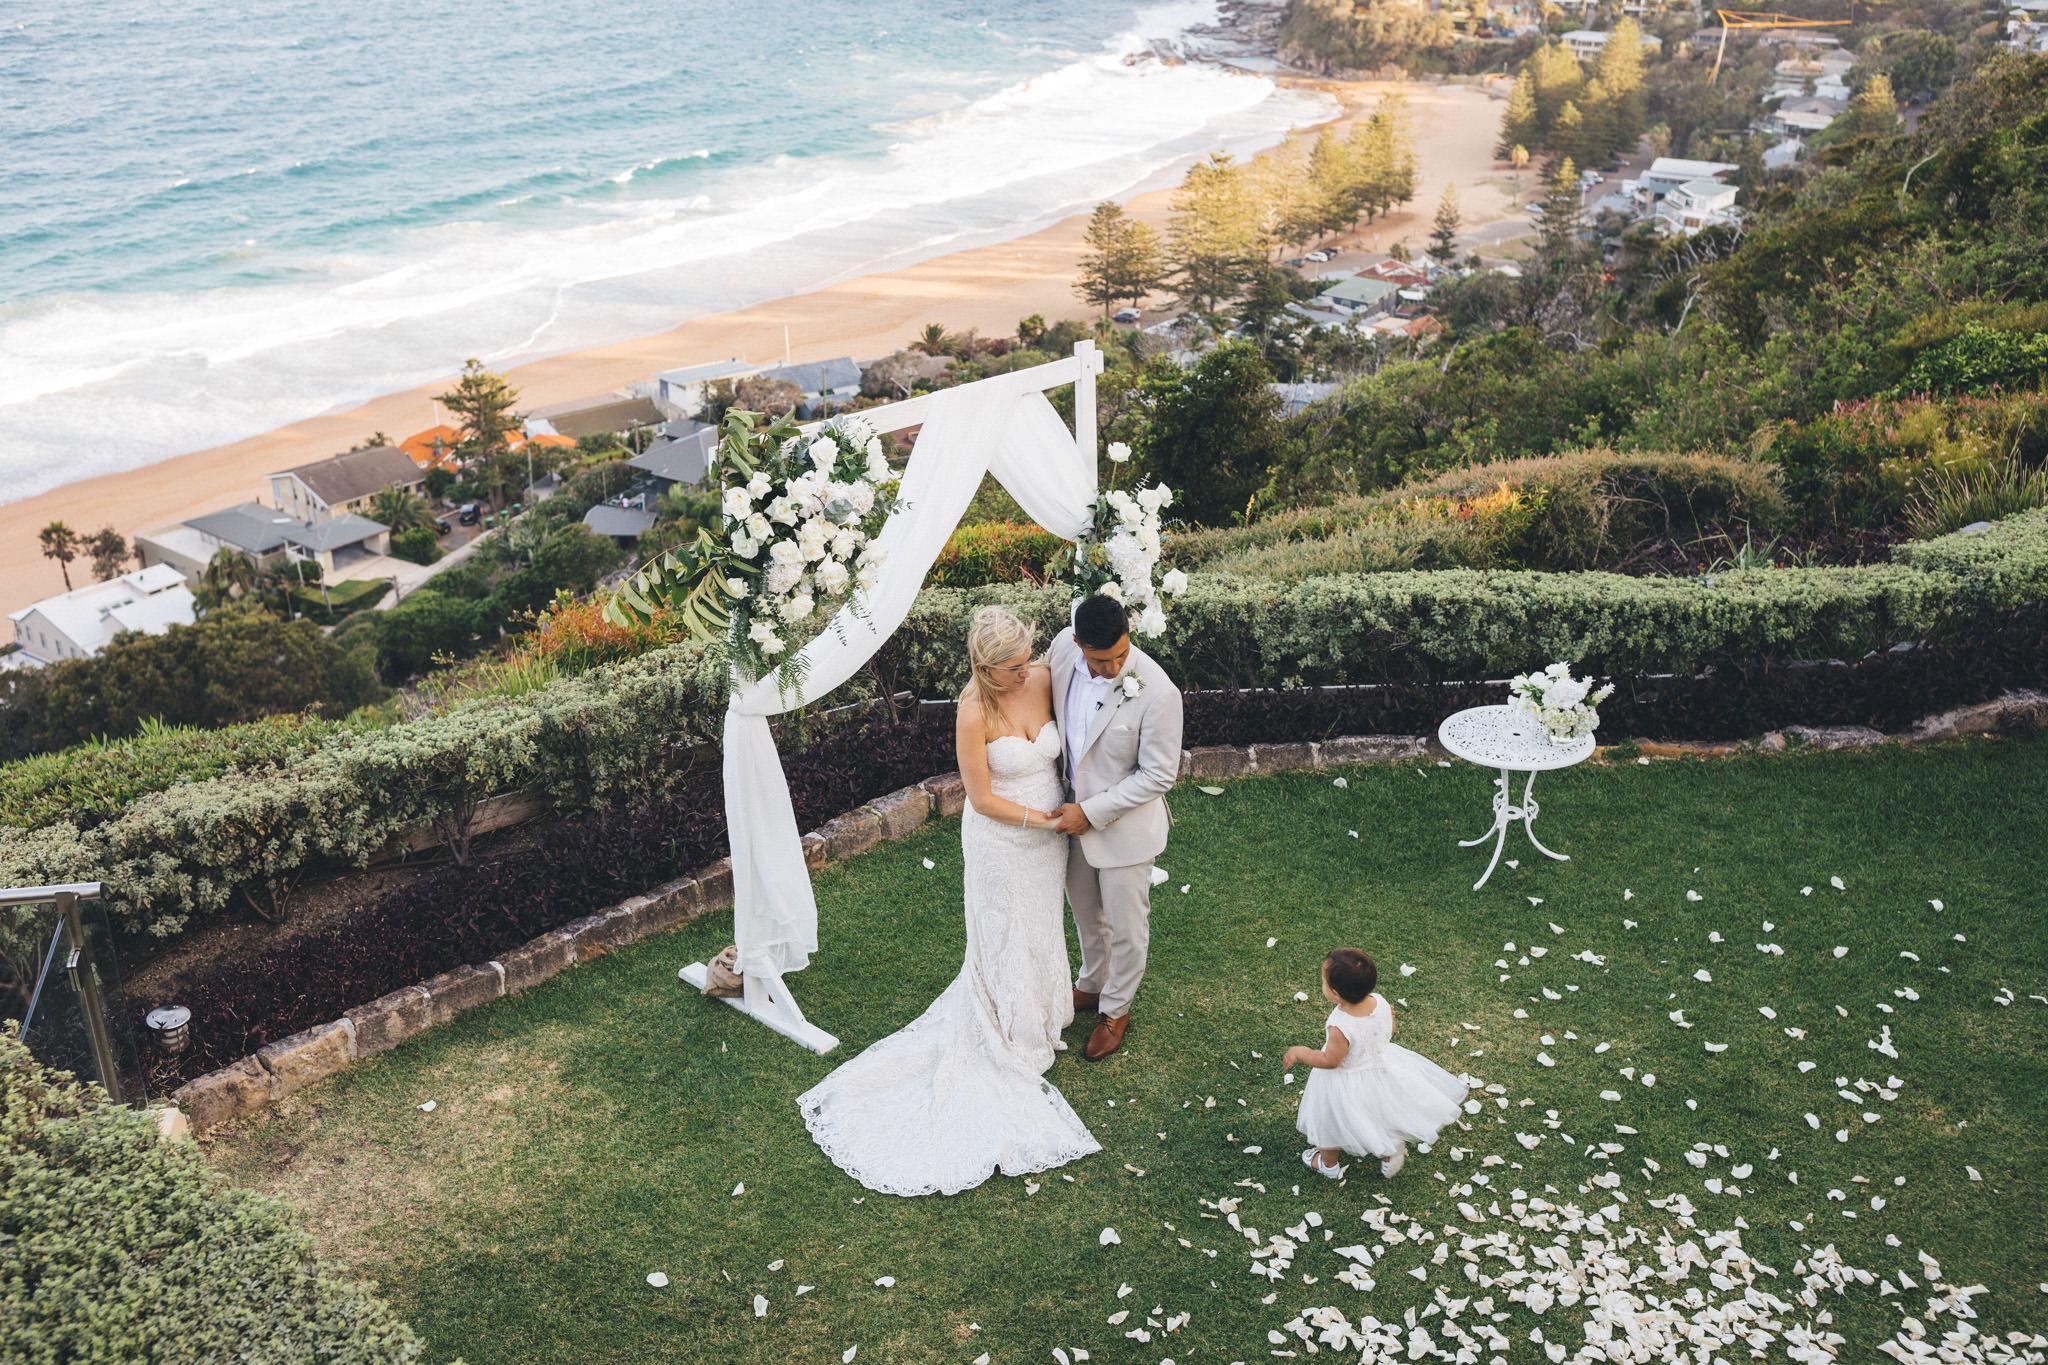 Ann-Marie-Yuen-Photography-Whale-Beach-Wedding-0177.jpg